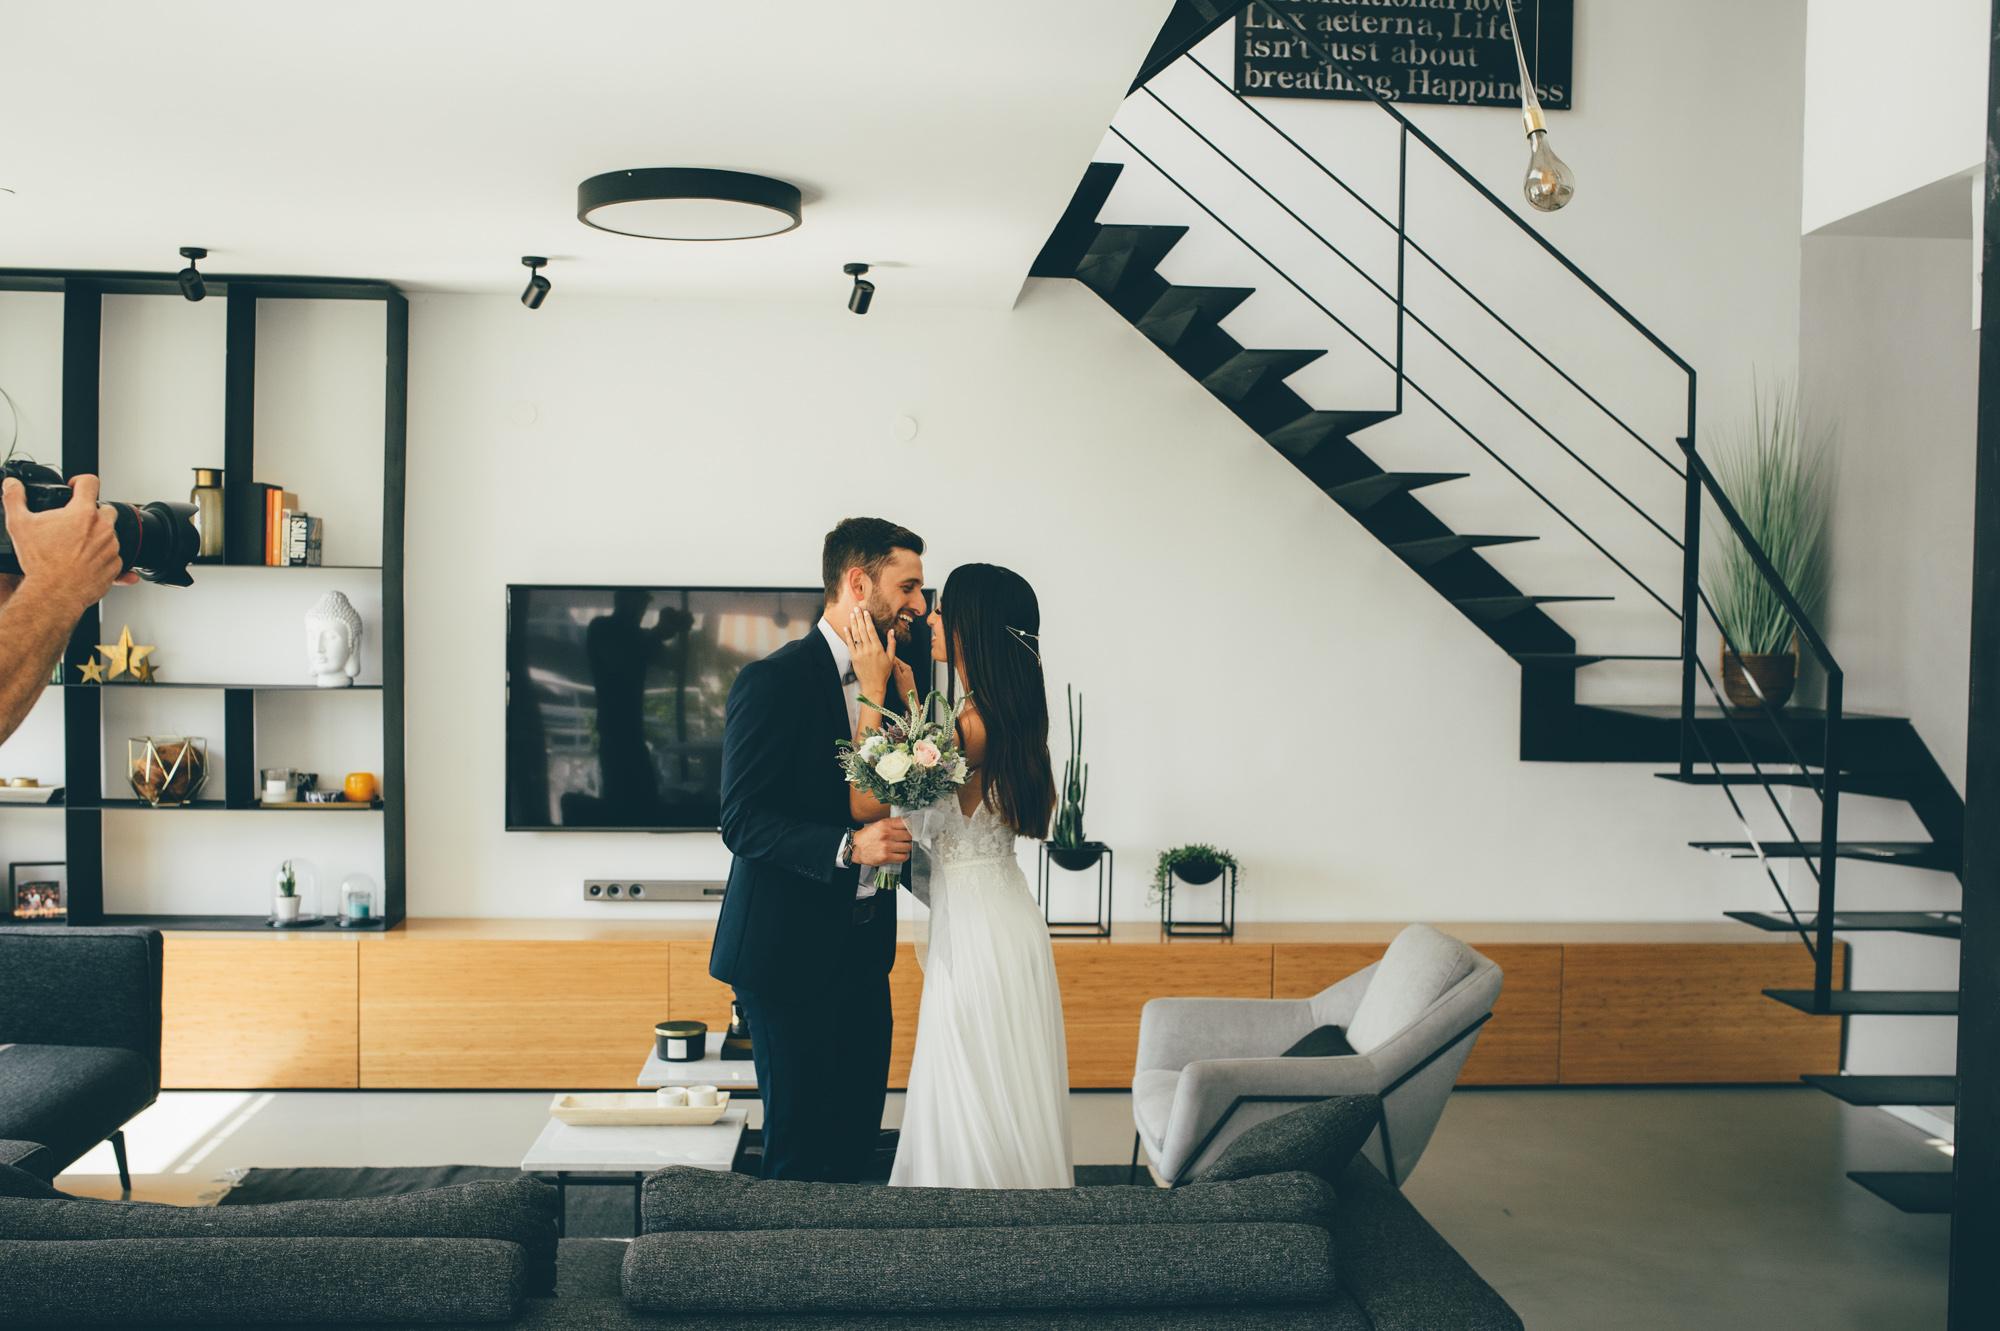 Wedding photos by - Asaf Kliger-17.jpg